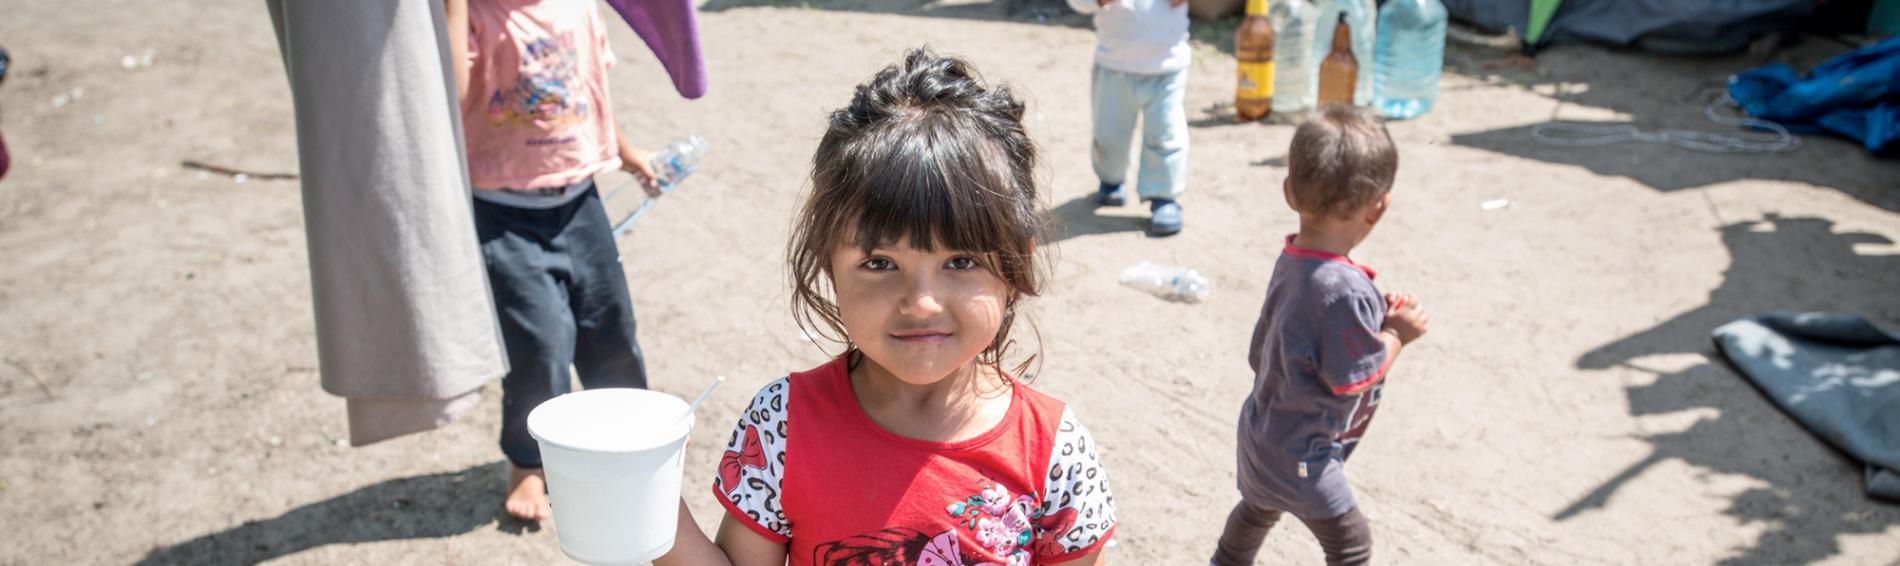 Im Camp Horgo bekommen die Menschen zweimal täglich Mahlzeiten. Foto: Guillaume Pinon